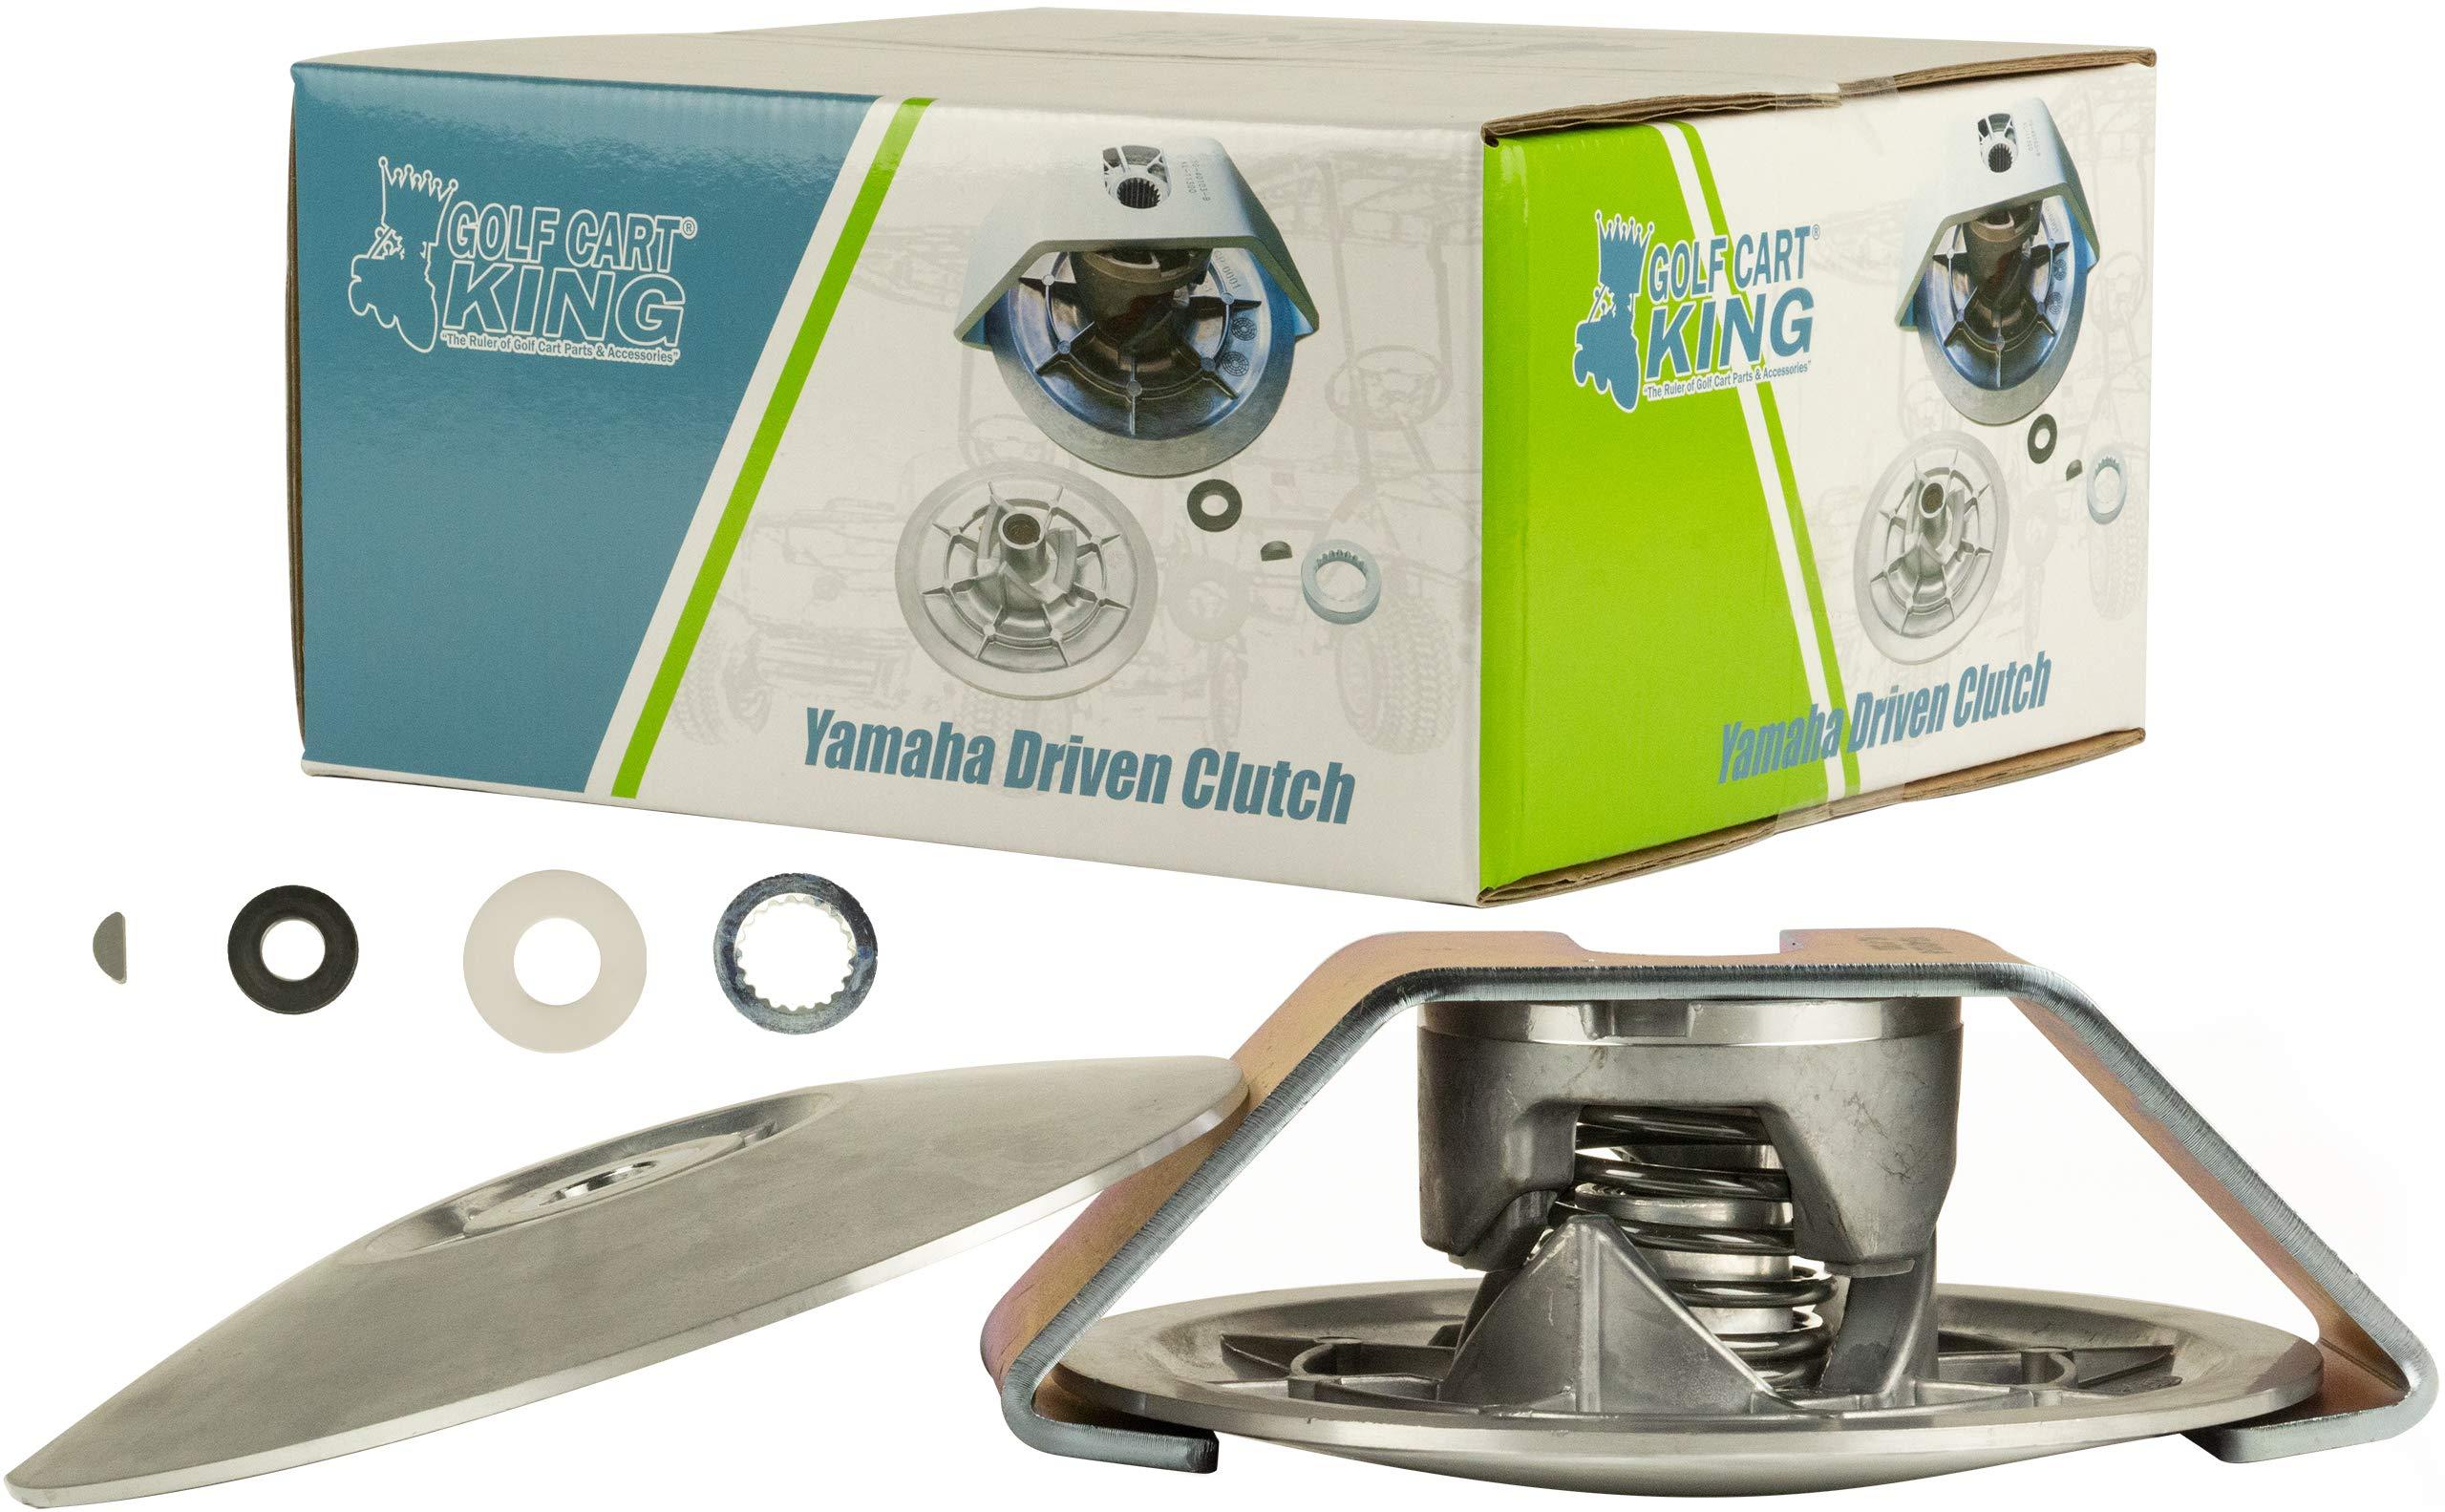 Yamaha G9-G22 Golf Cart Secondary Driven Clutch Kit by Golf Cart King